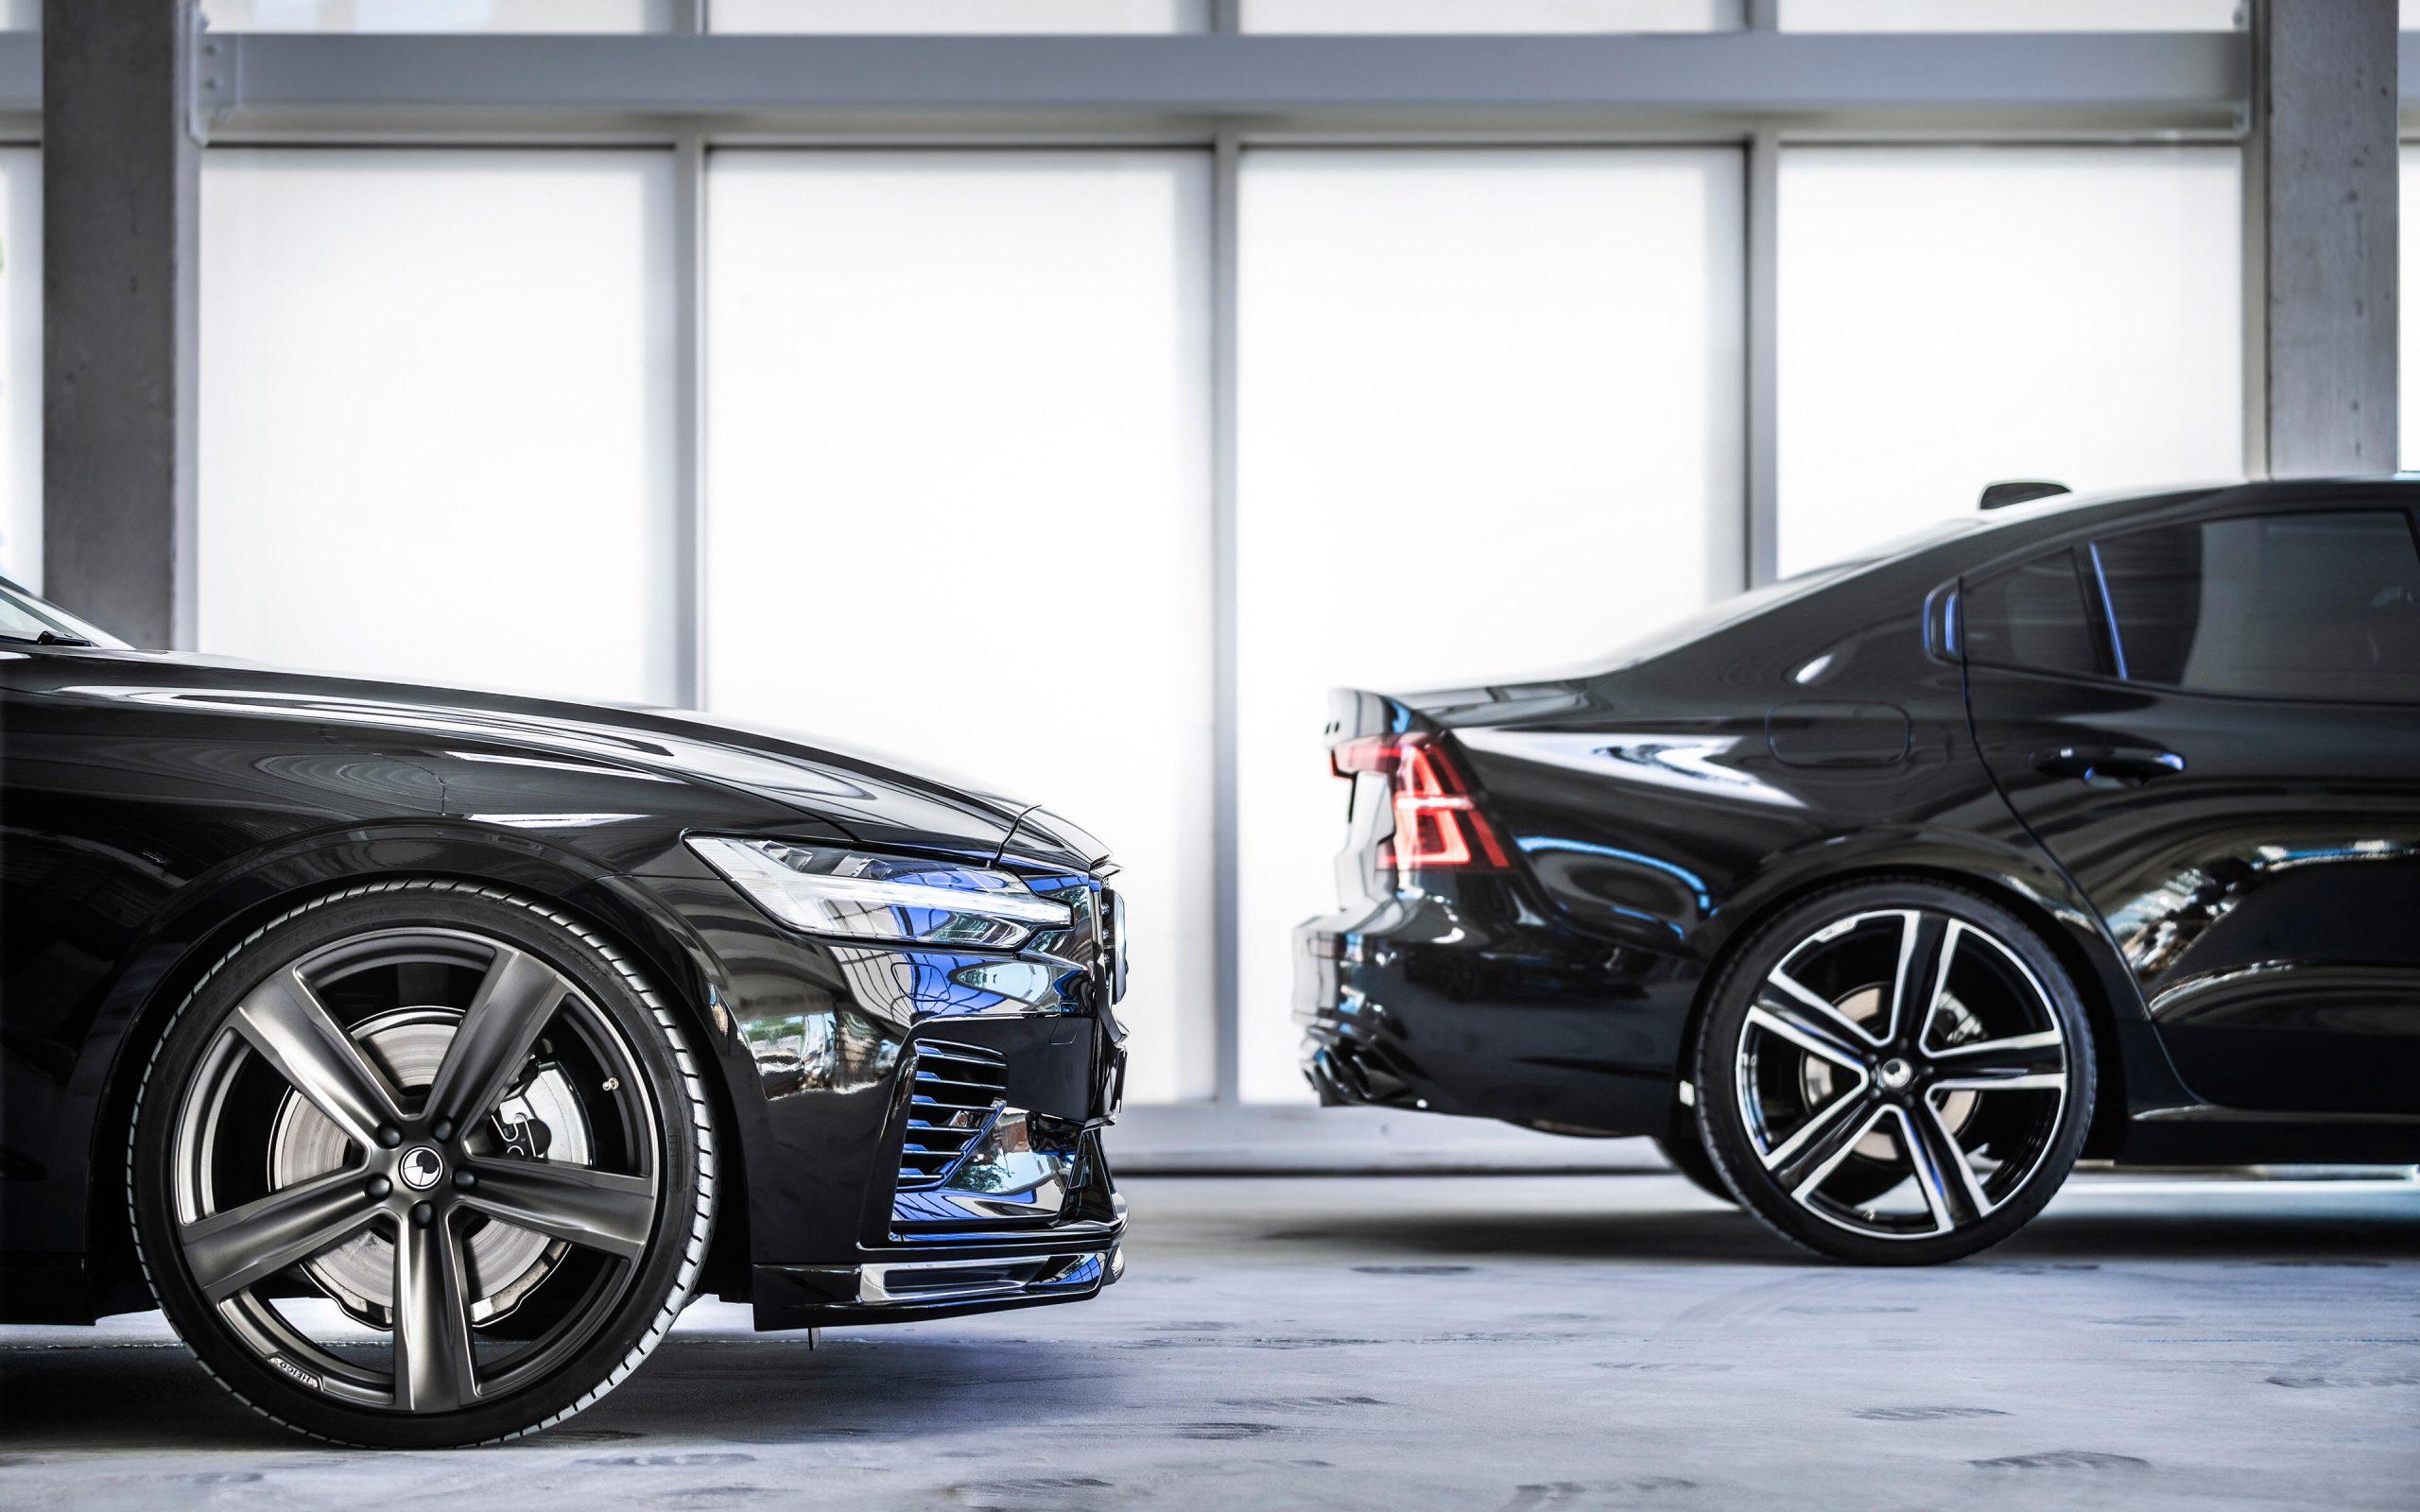 heico-sportiv-s60-224-rear-v60-225-side-01